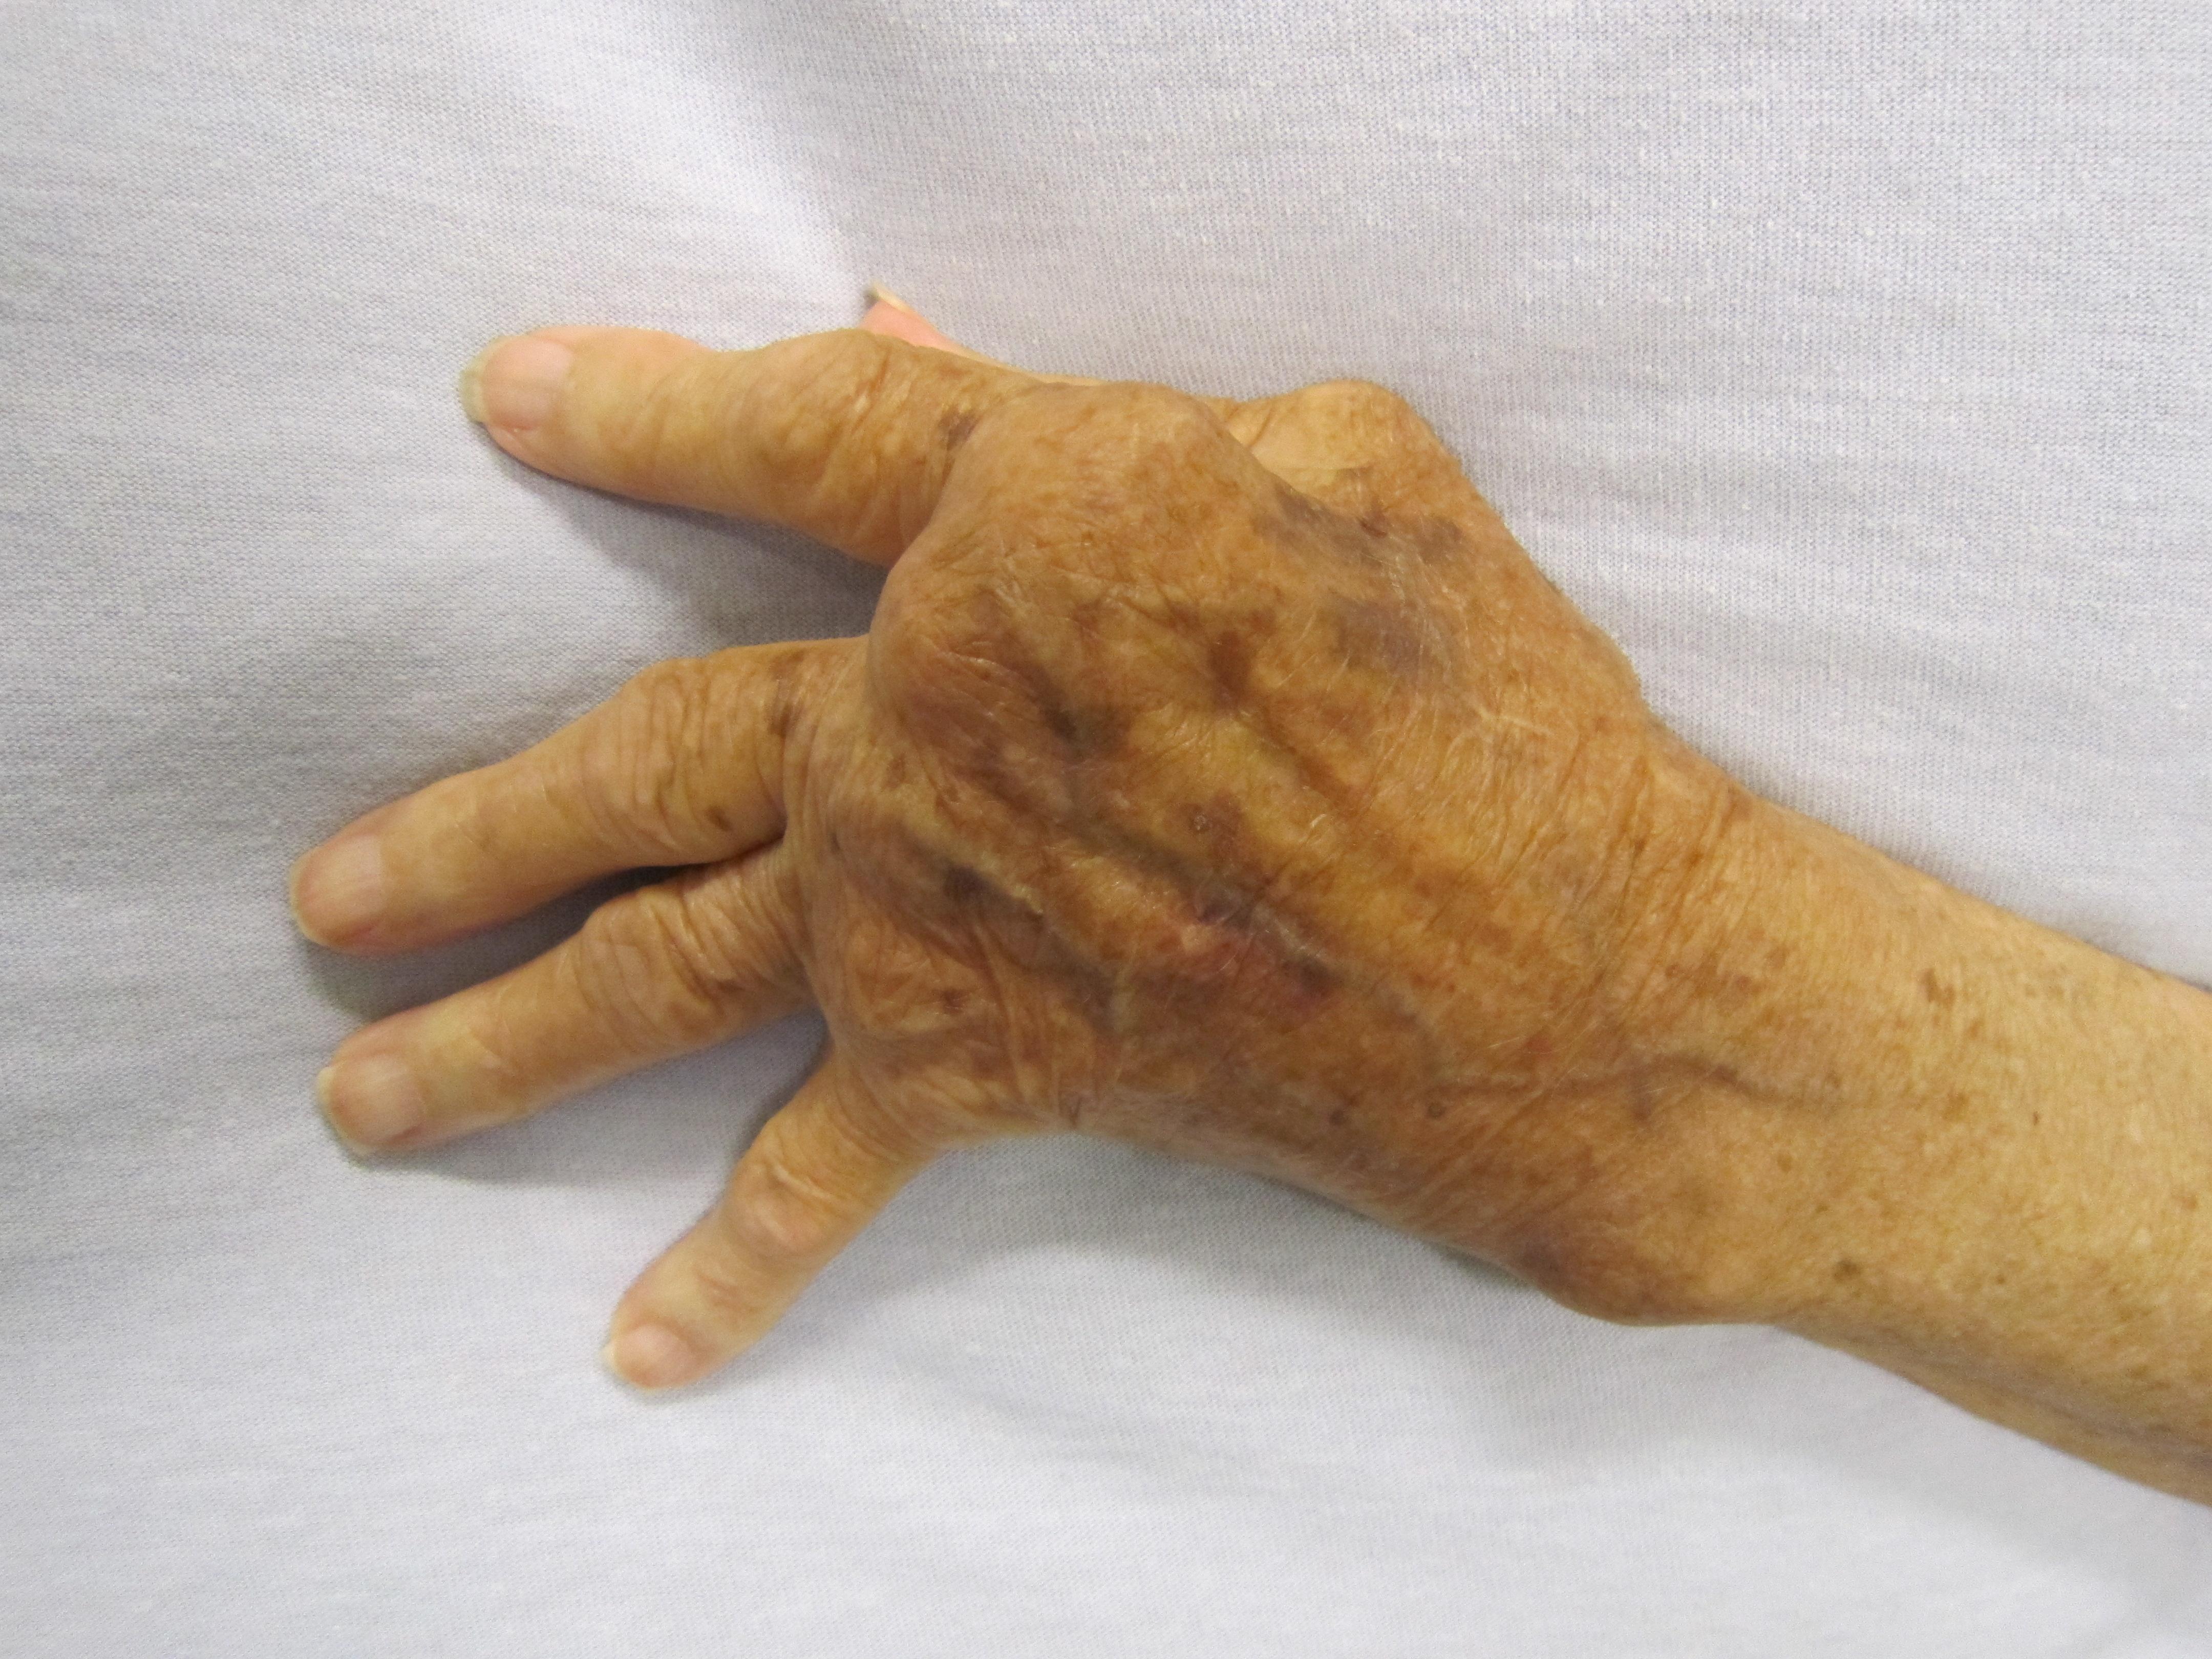 hogyan lehet enyhíteni az ujjak ízületeit)